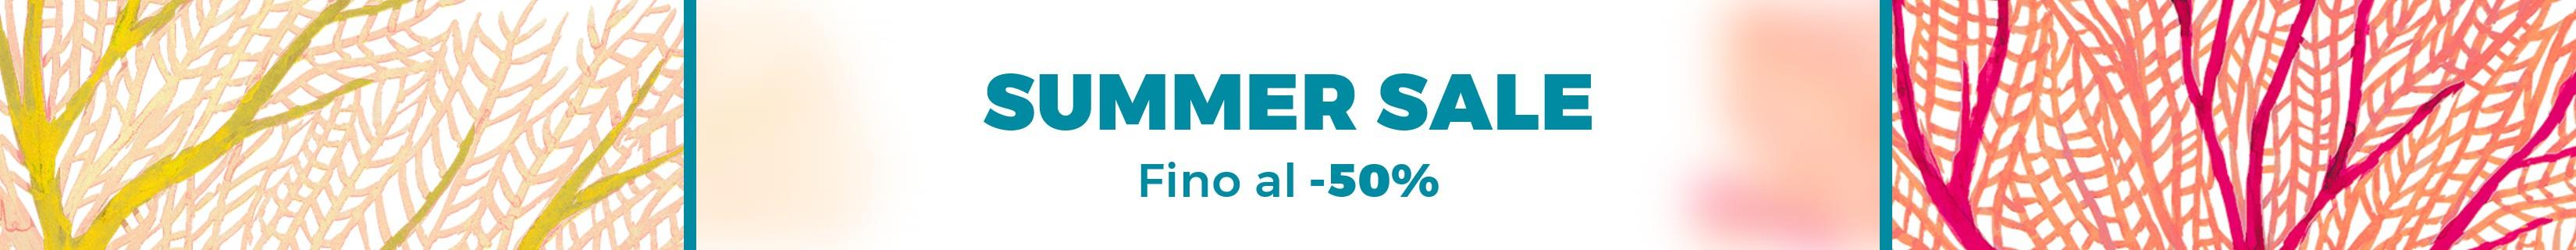 SUMMER SALES SCONTI FINO AL 50% SCADE IL 31.07